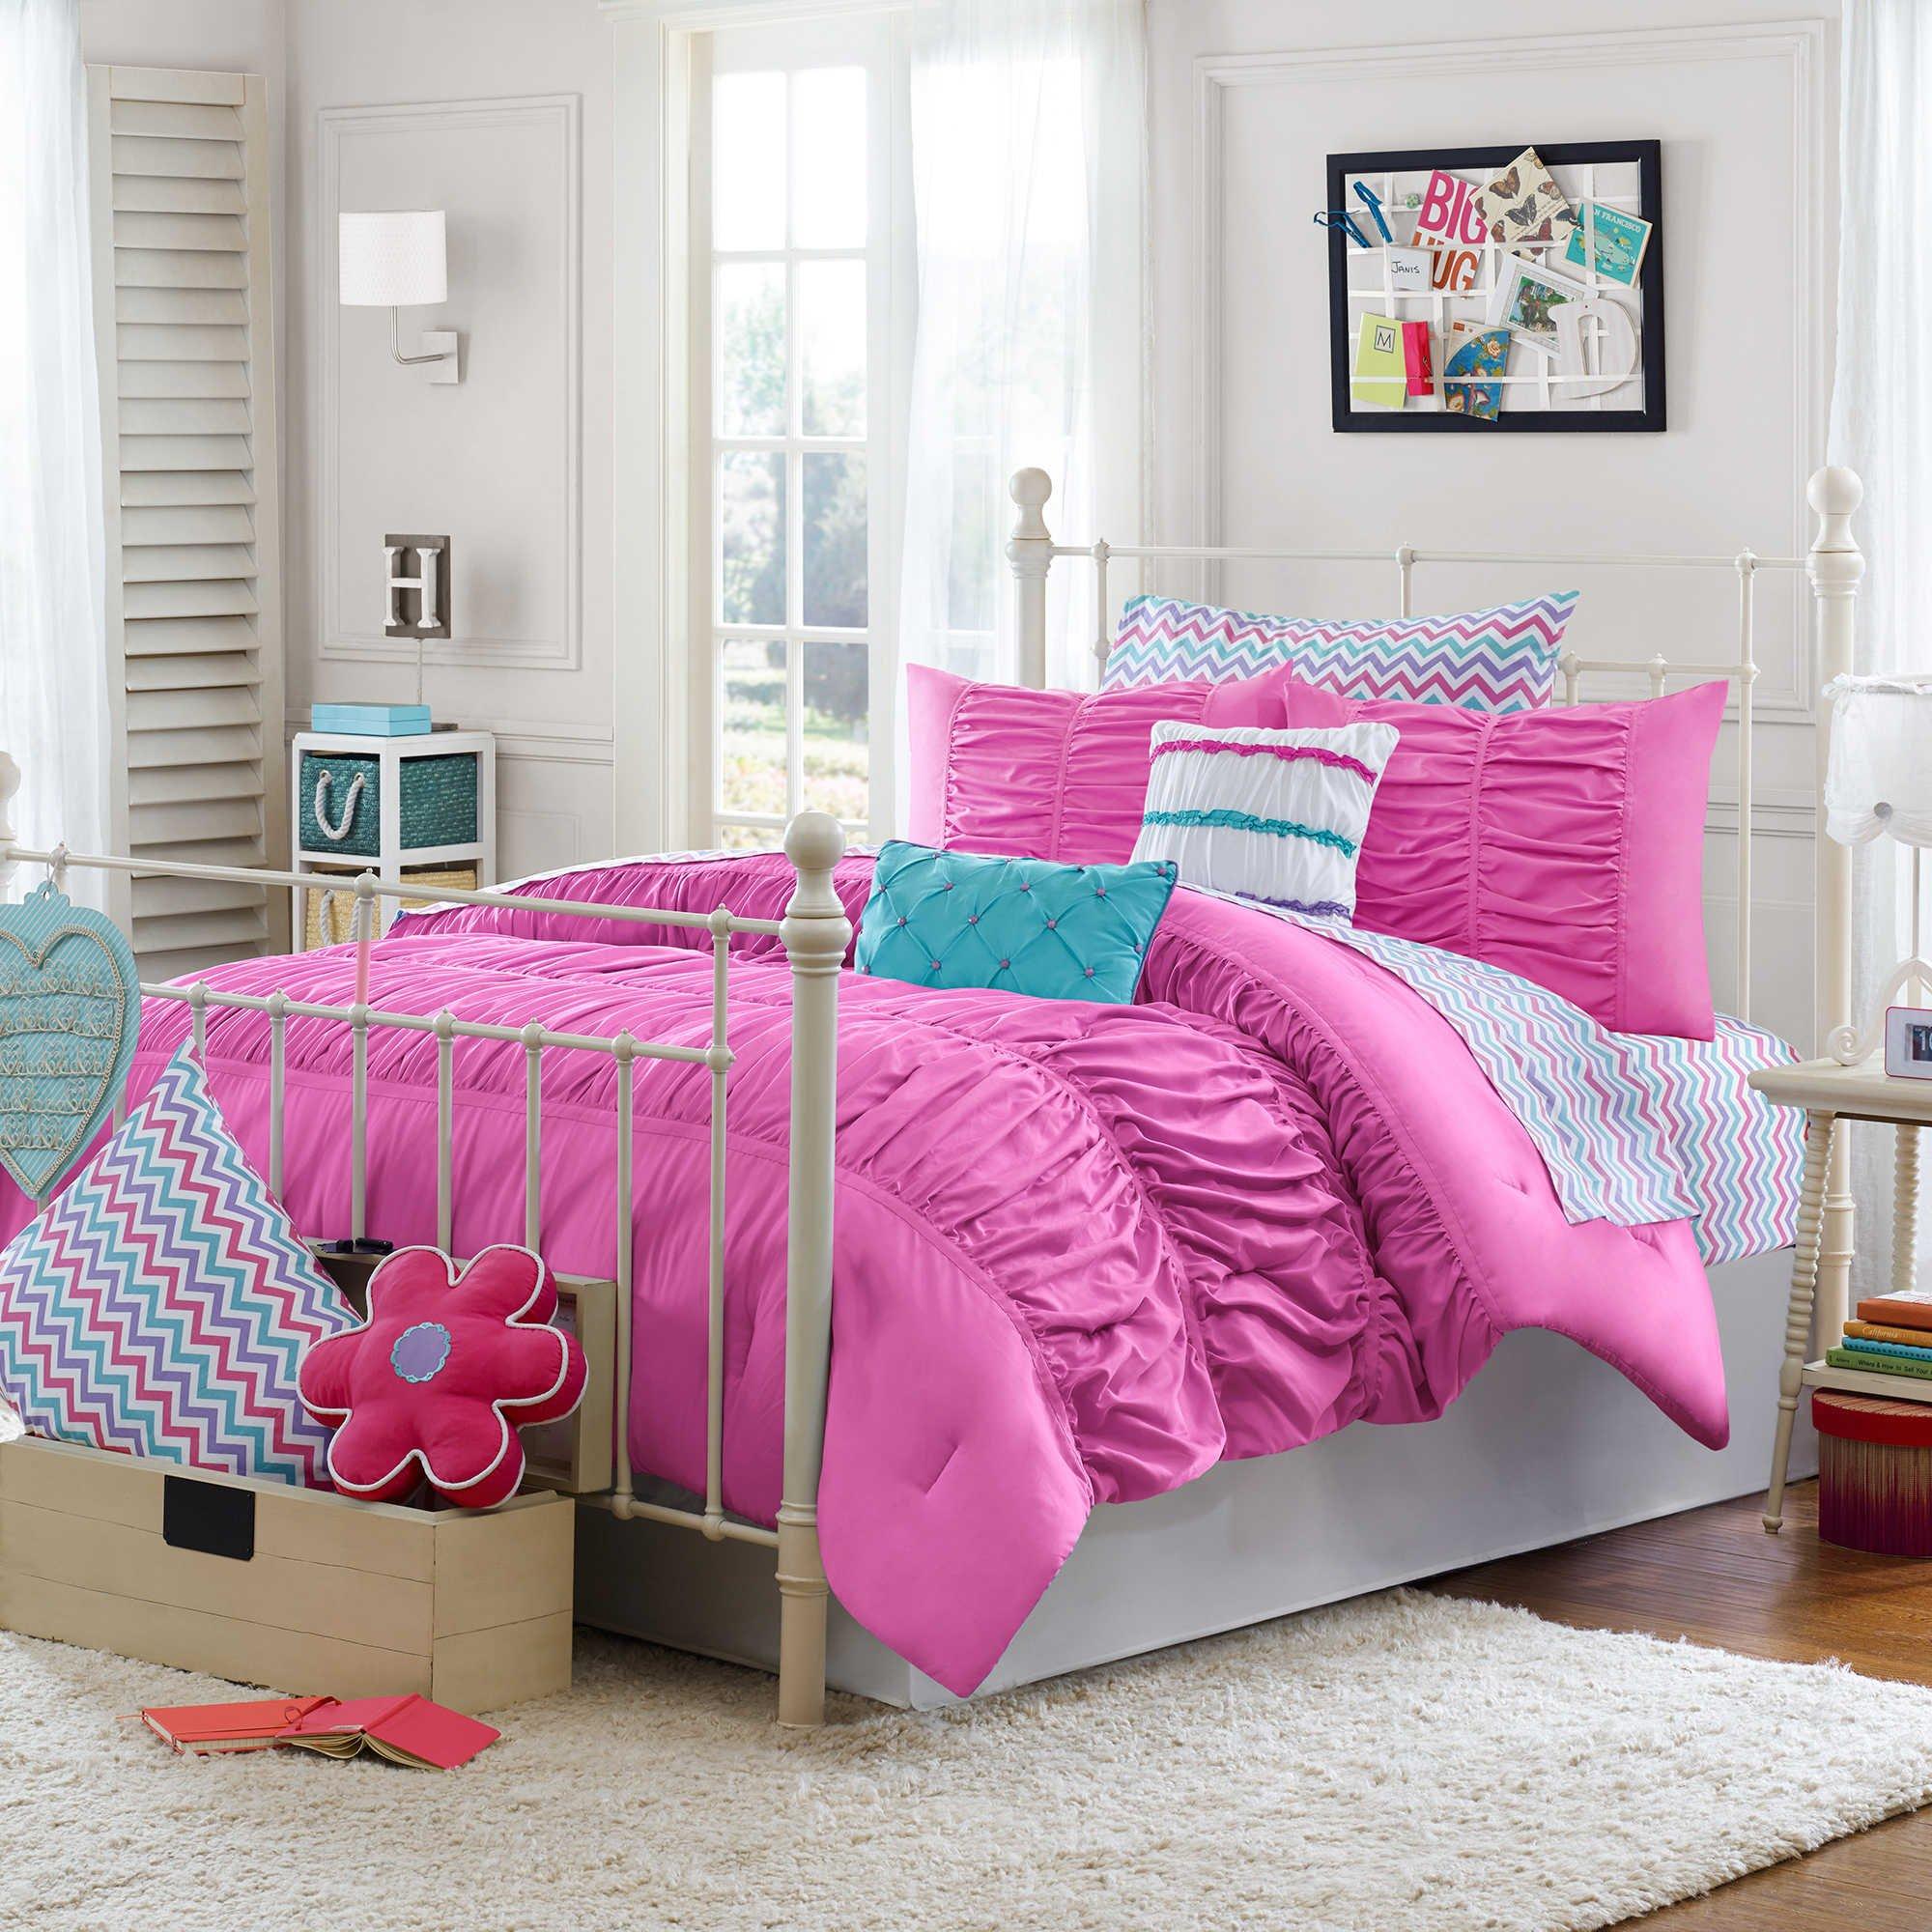 comforter set pattern sets bed trendy queen info aztec xl museosdemolina twin